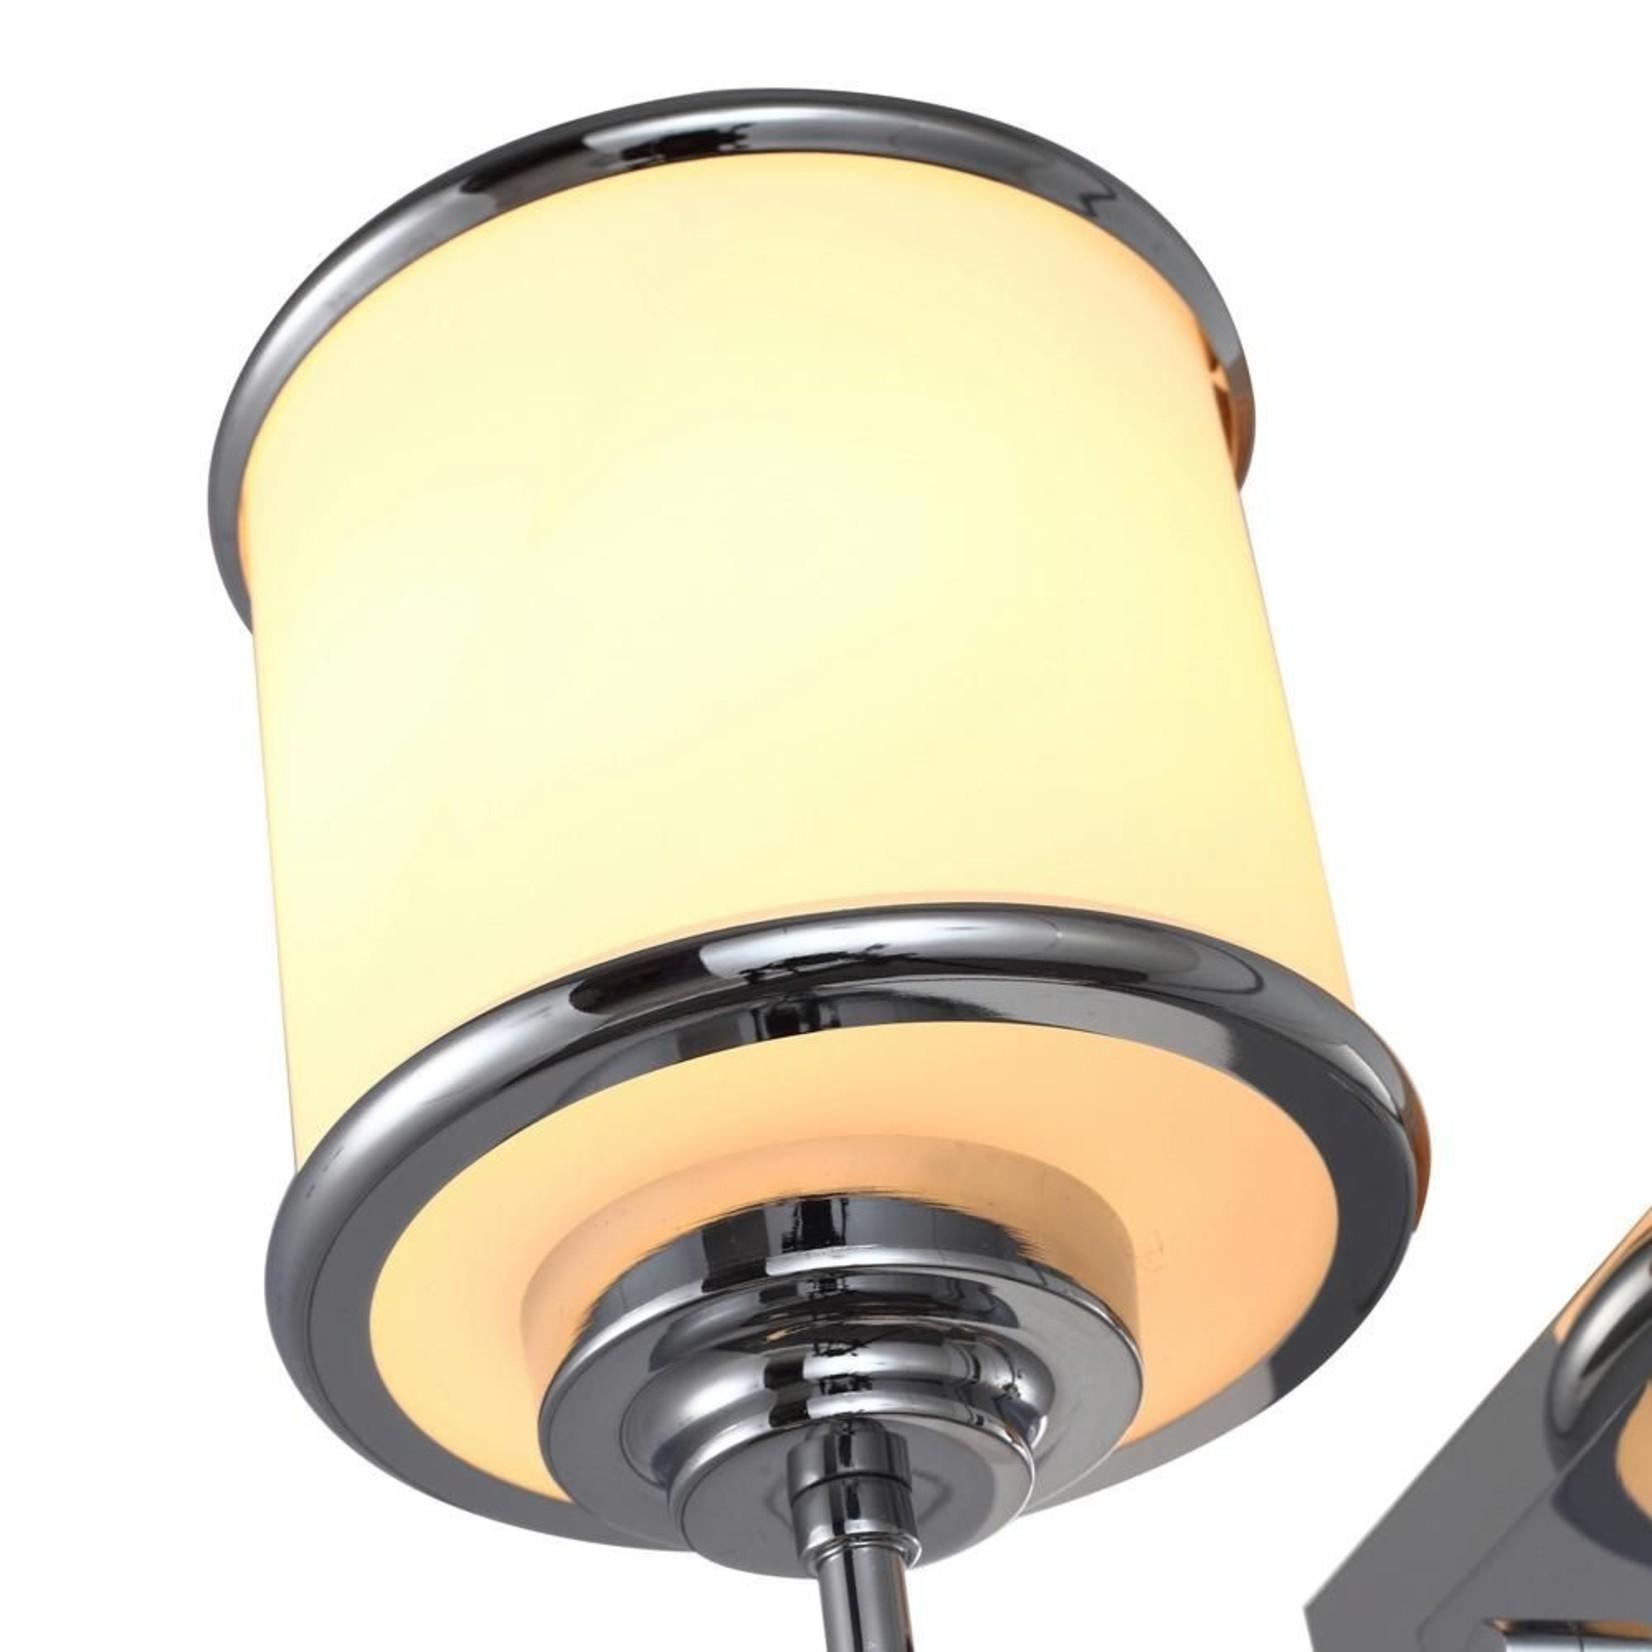 Luminaire Max II